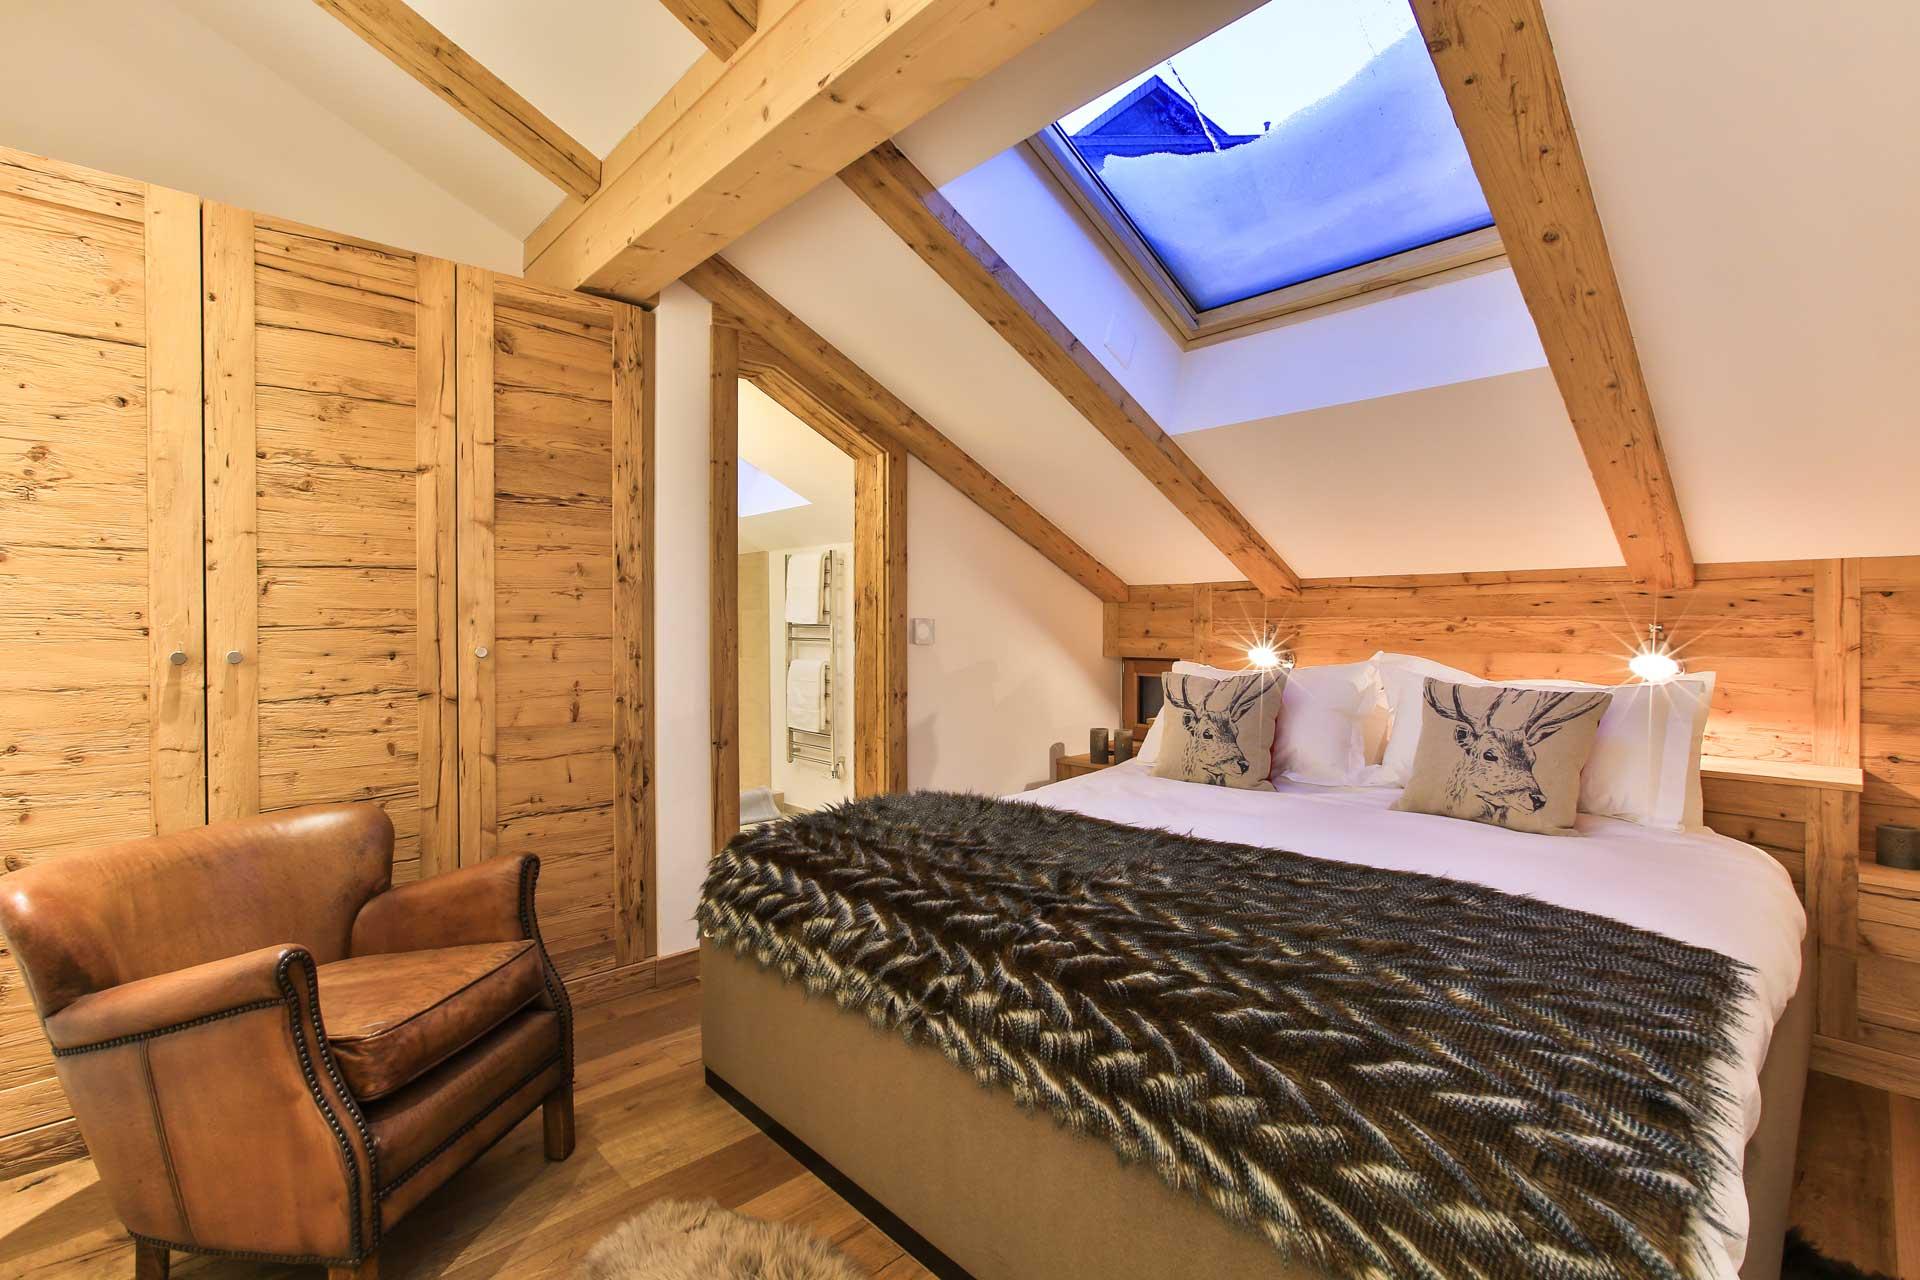 Luxus Appartement Chalet Khione Saas-Fee - Schlafzimmer mit Bad en Suite OG mittig